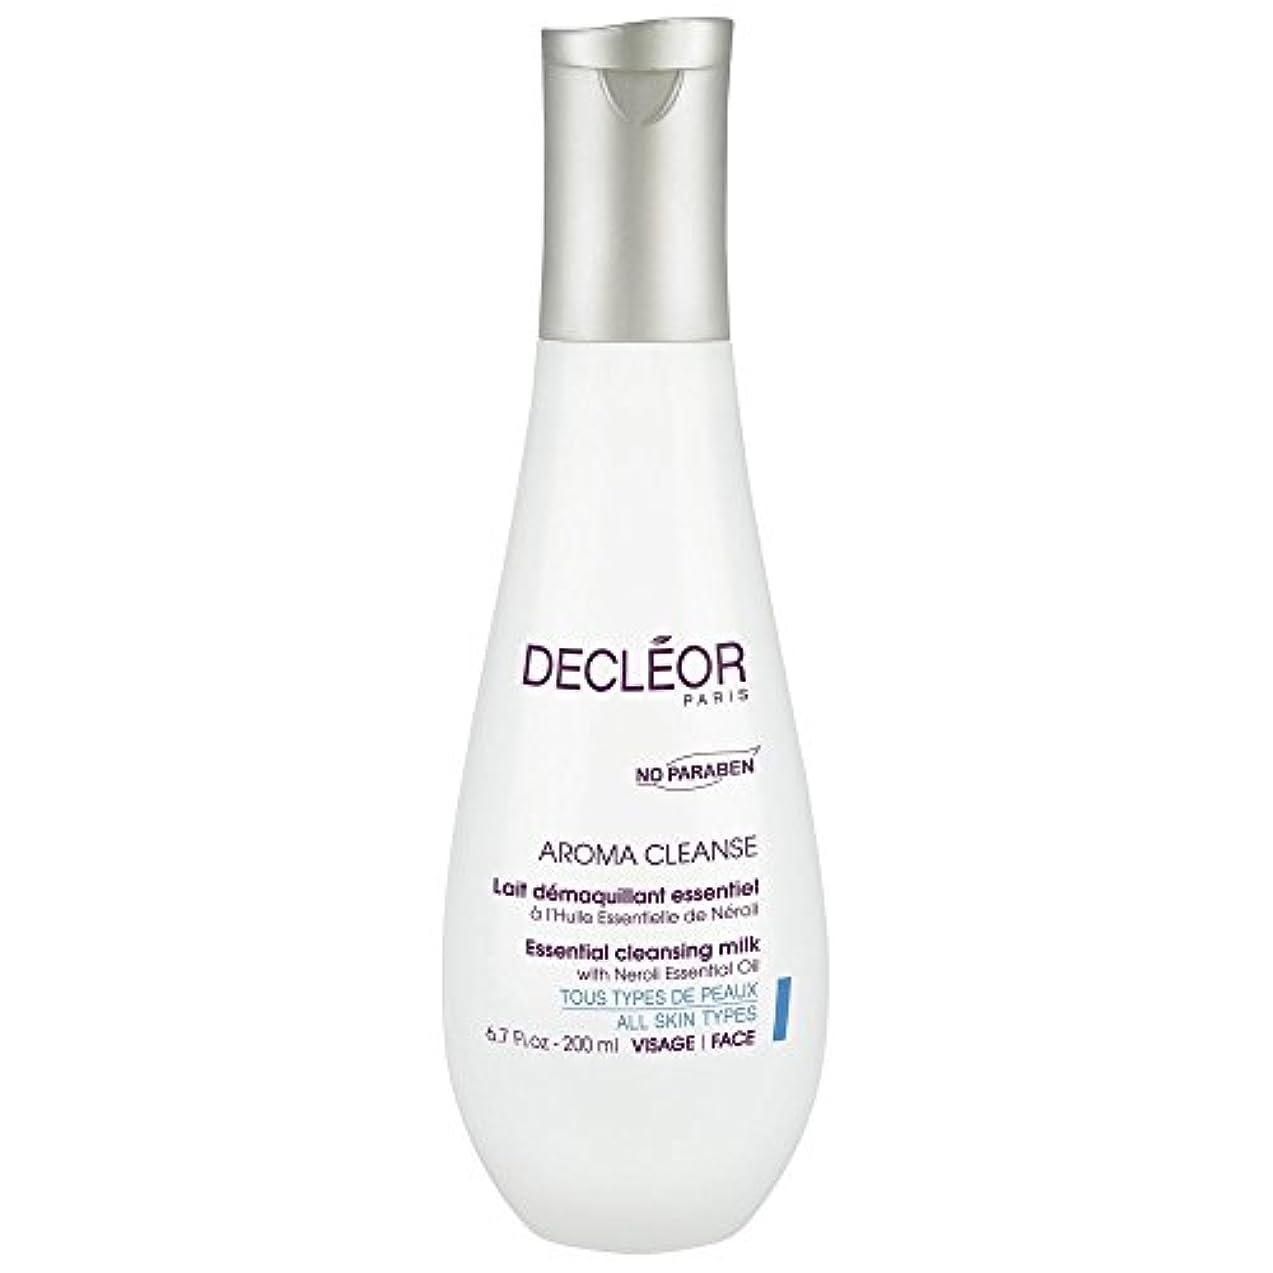 アーク巧みな残基[Decl?or] ネロリエッセンシャルオイル、200ミリリットルとデクレオール不可欠なクレンジングミルク - Decl?or Essential Cleansing Milk With Neroli Essential...